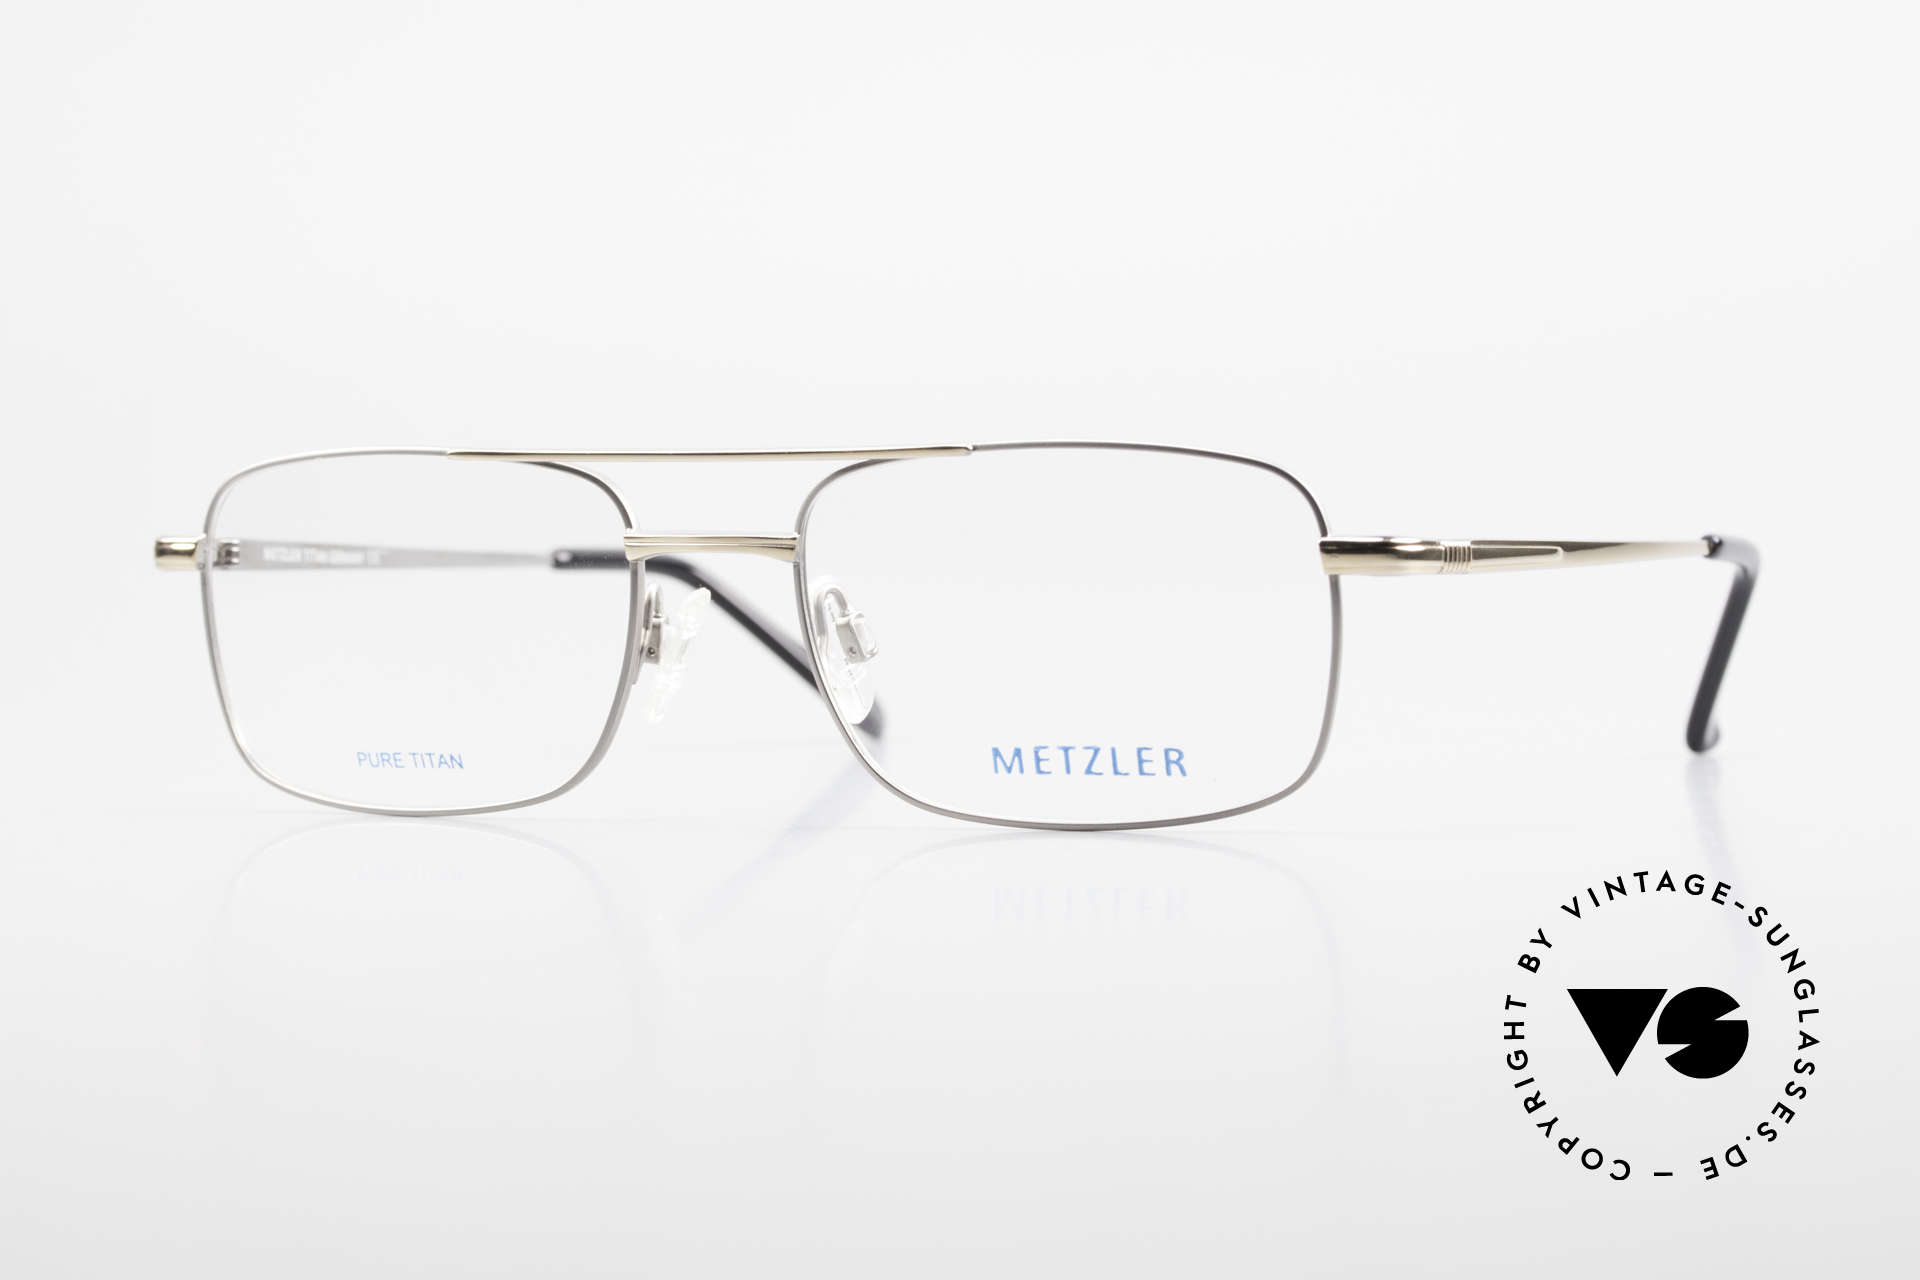 Metzler 1680 90's Titan Eyeglasses For Men, METZLER eyeglasses 1680, col 021, size 56/19, 140, Made for Men